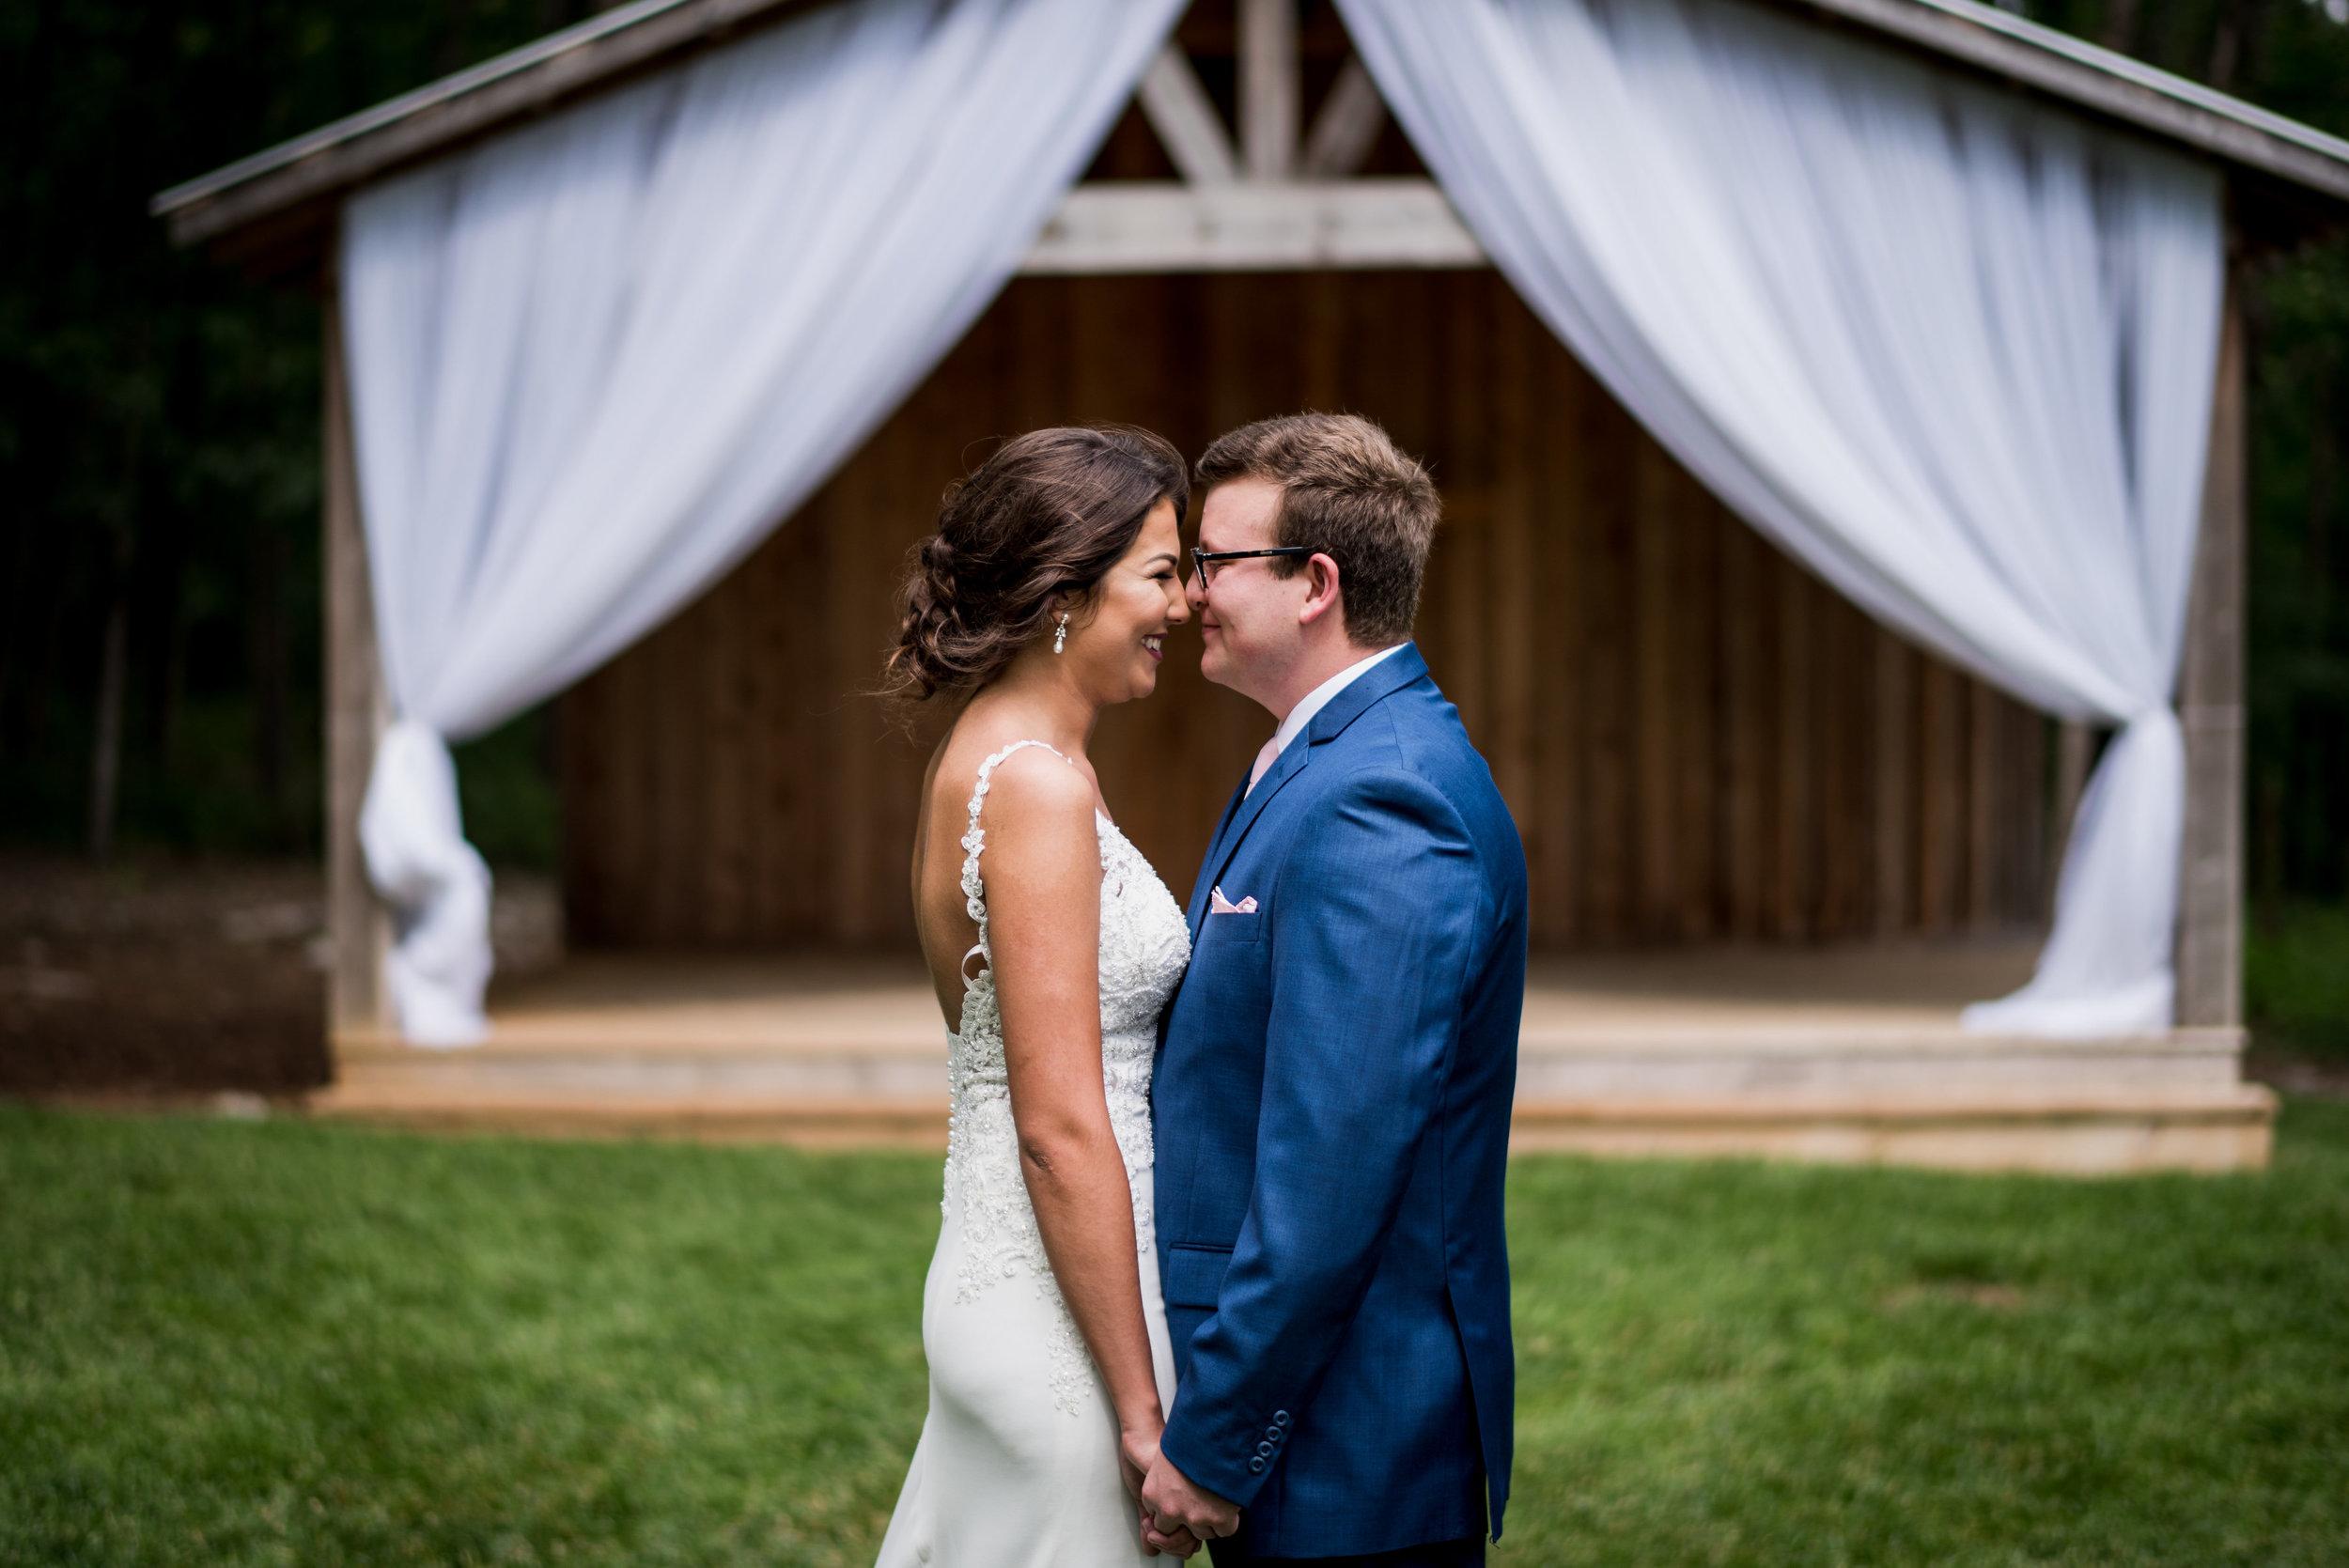 Saddlewood-Farms-Nashville-Wedding-Photographers-112.jpg